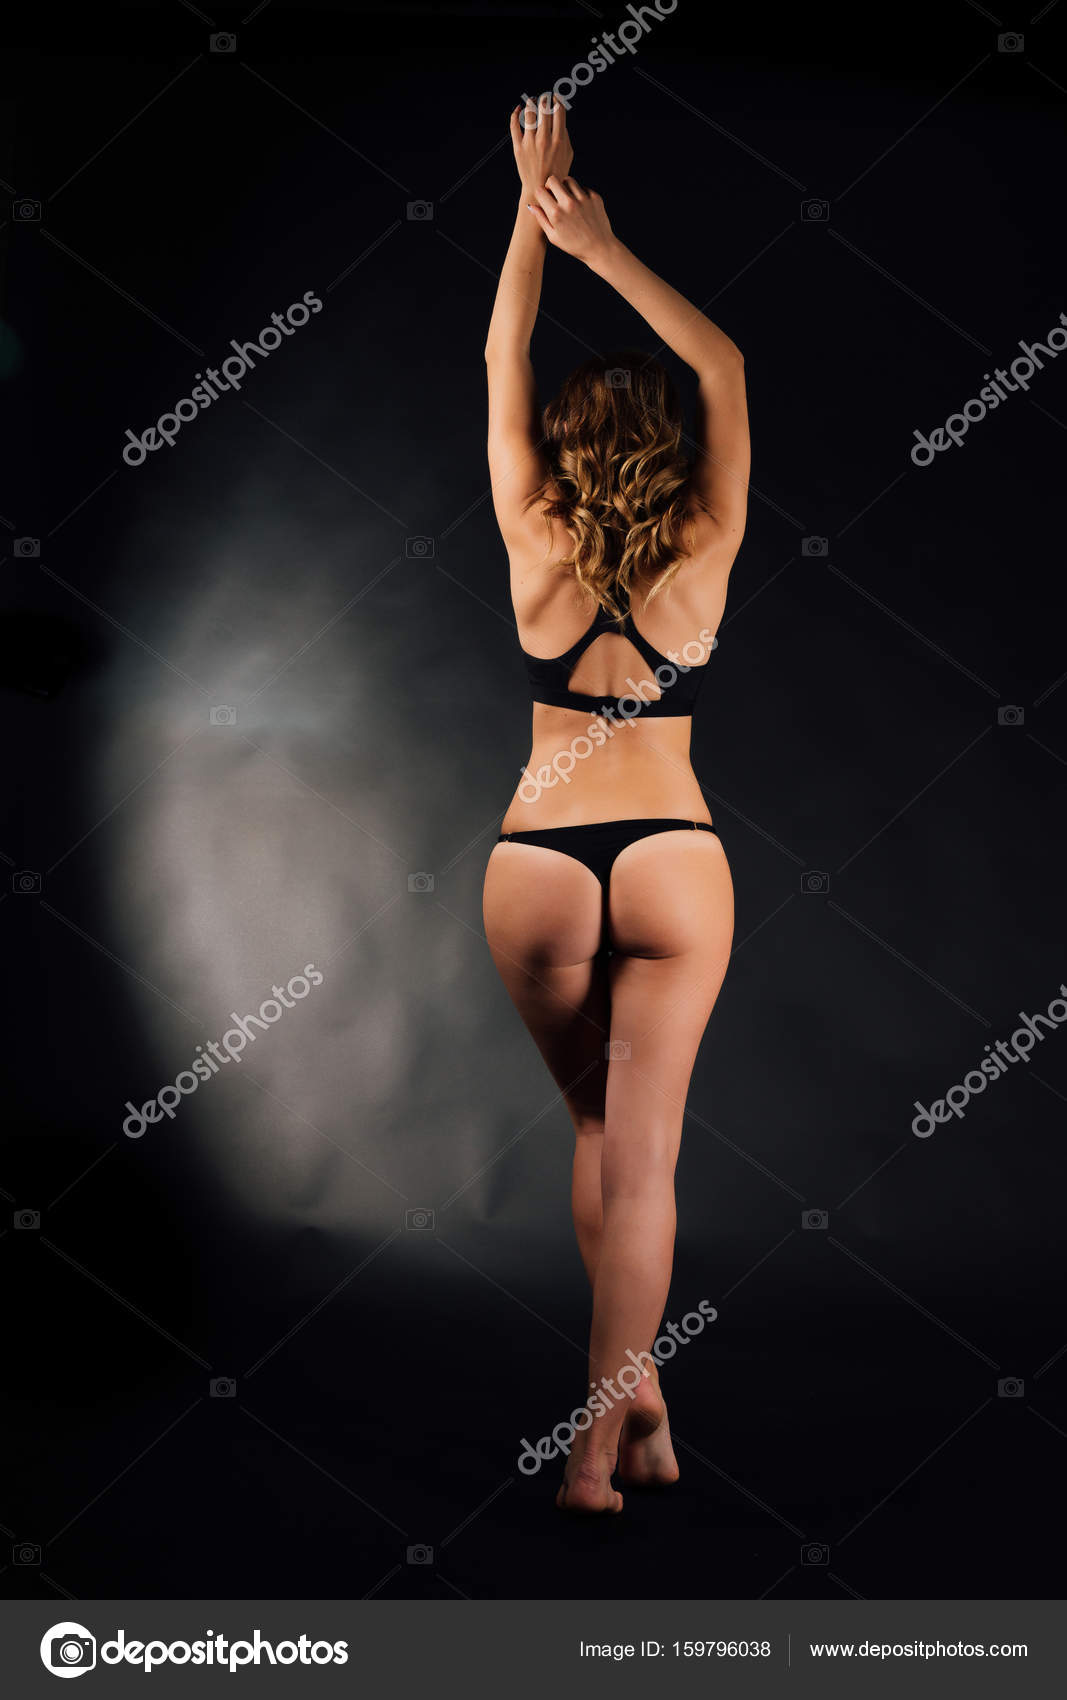 η Ανν χες λεσβιακό σεξ σκηνή